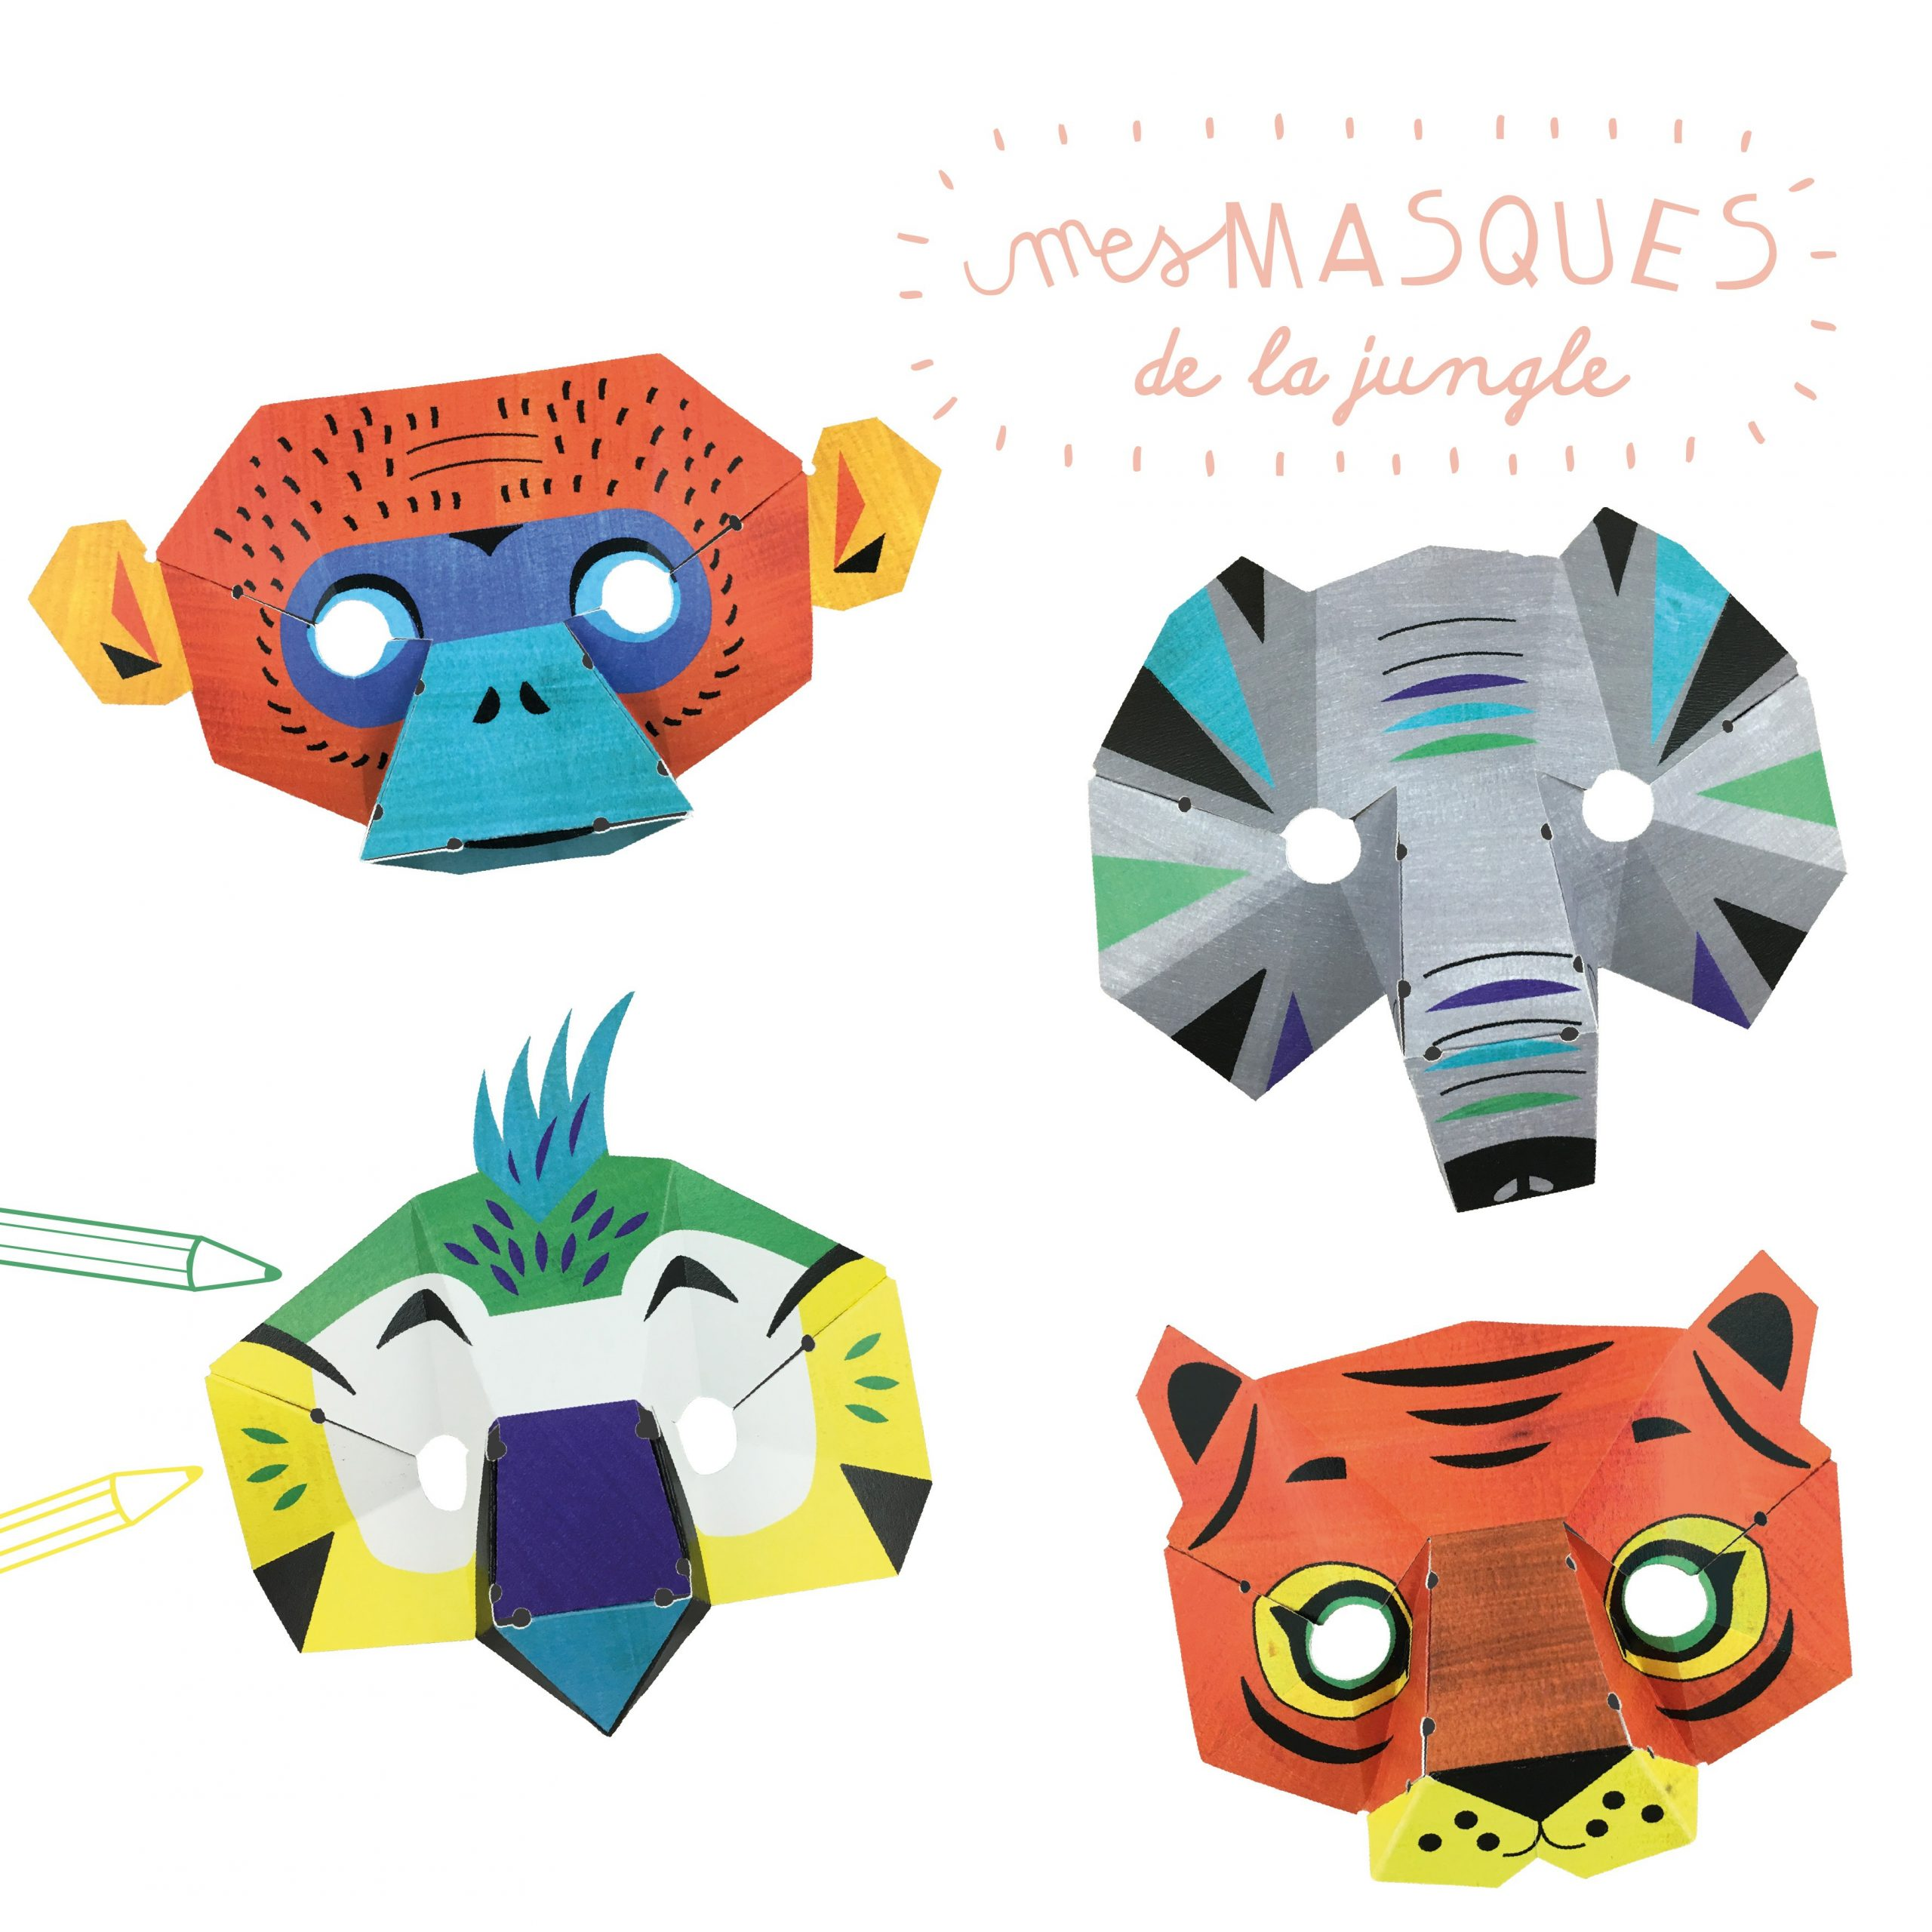 Loisir Créatif Masques Animaux De La Jungle En Papier à Masque À Imprimer Animaux